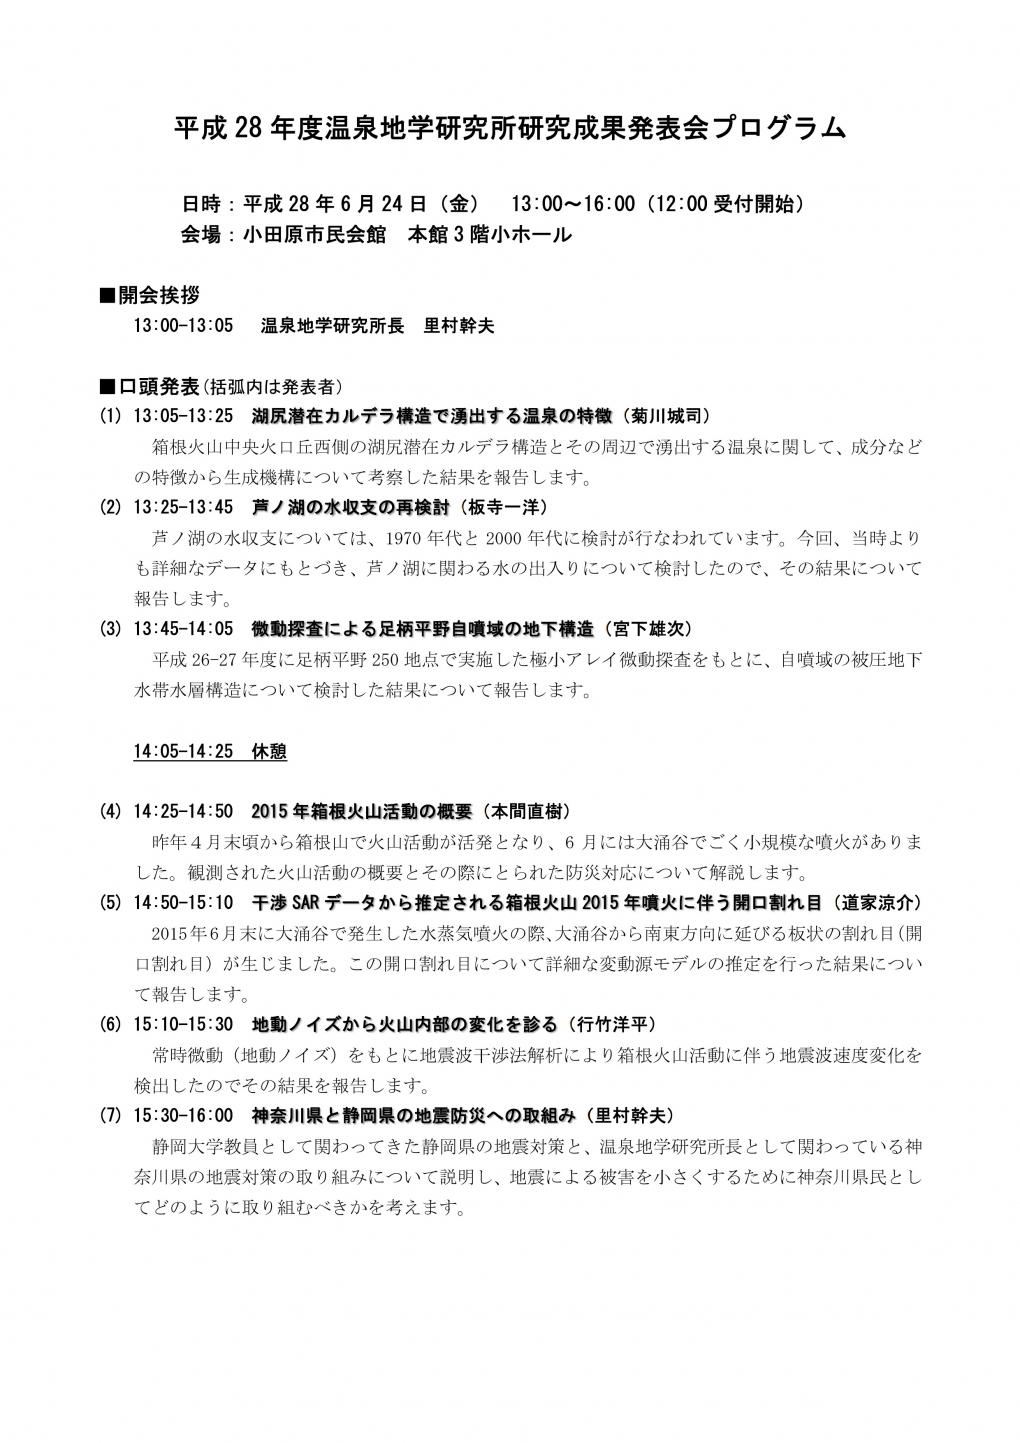 平成28年度 温泉地学研究所研究成果発表会のお知らせ